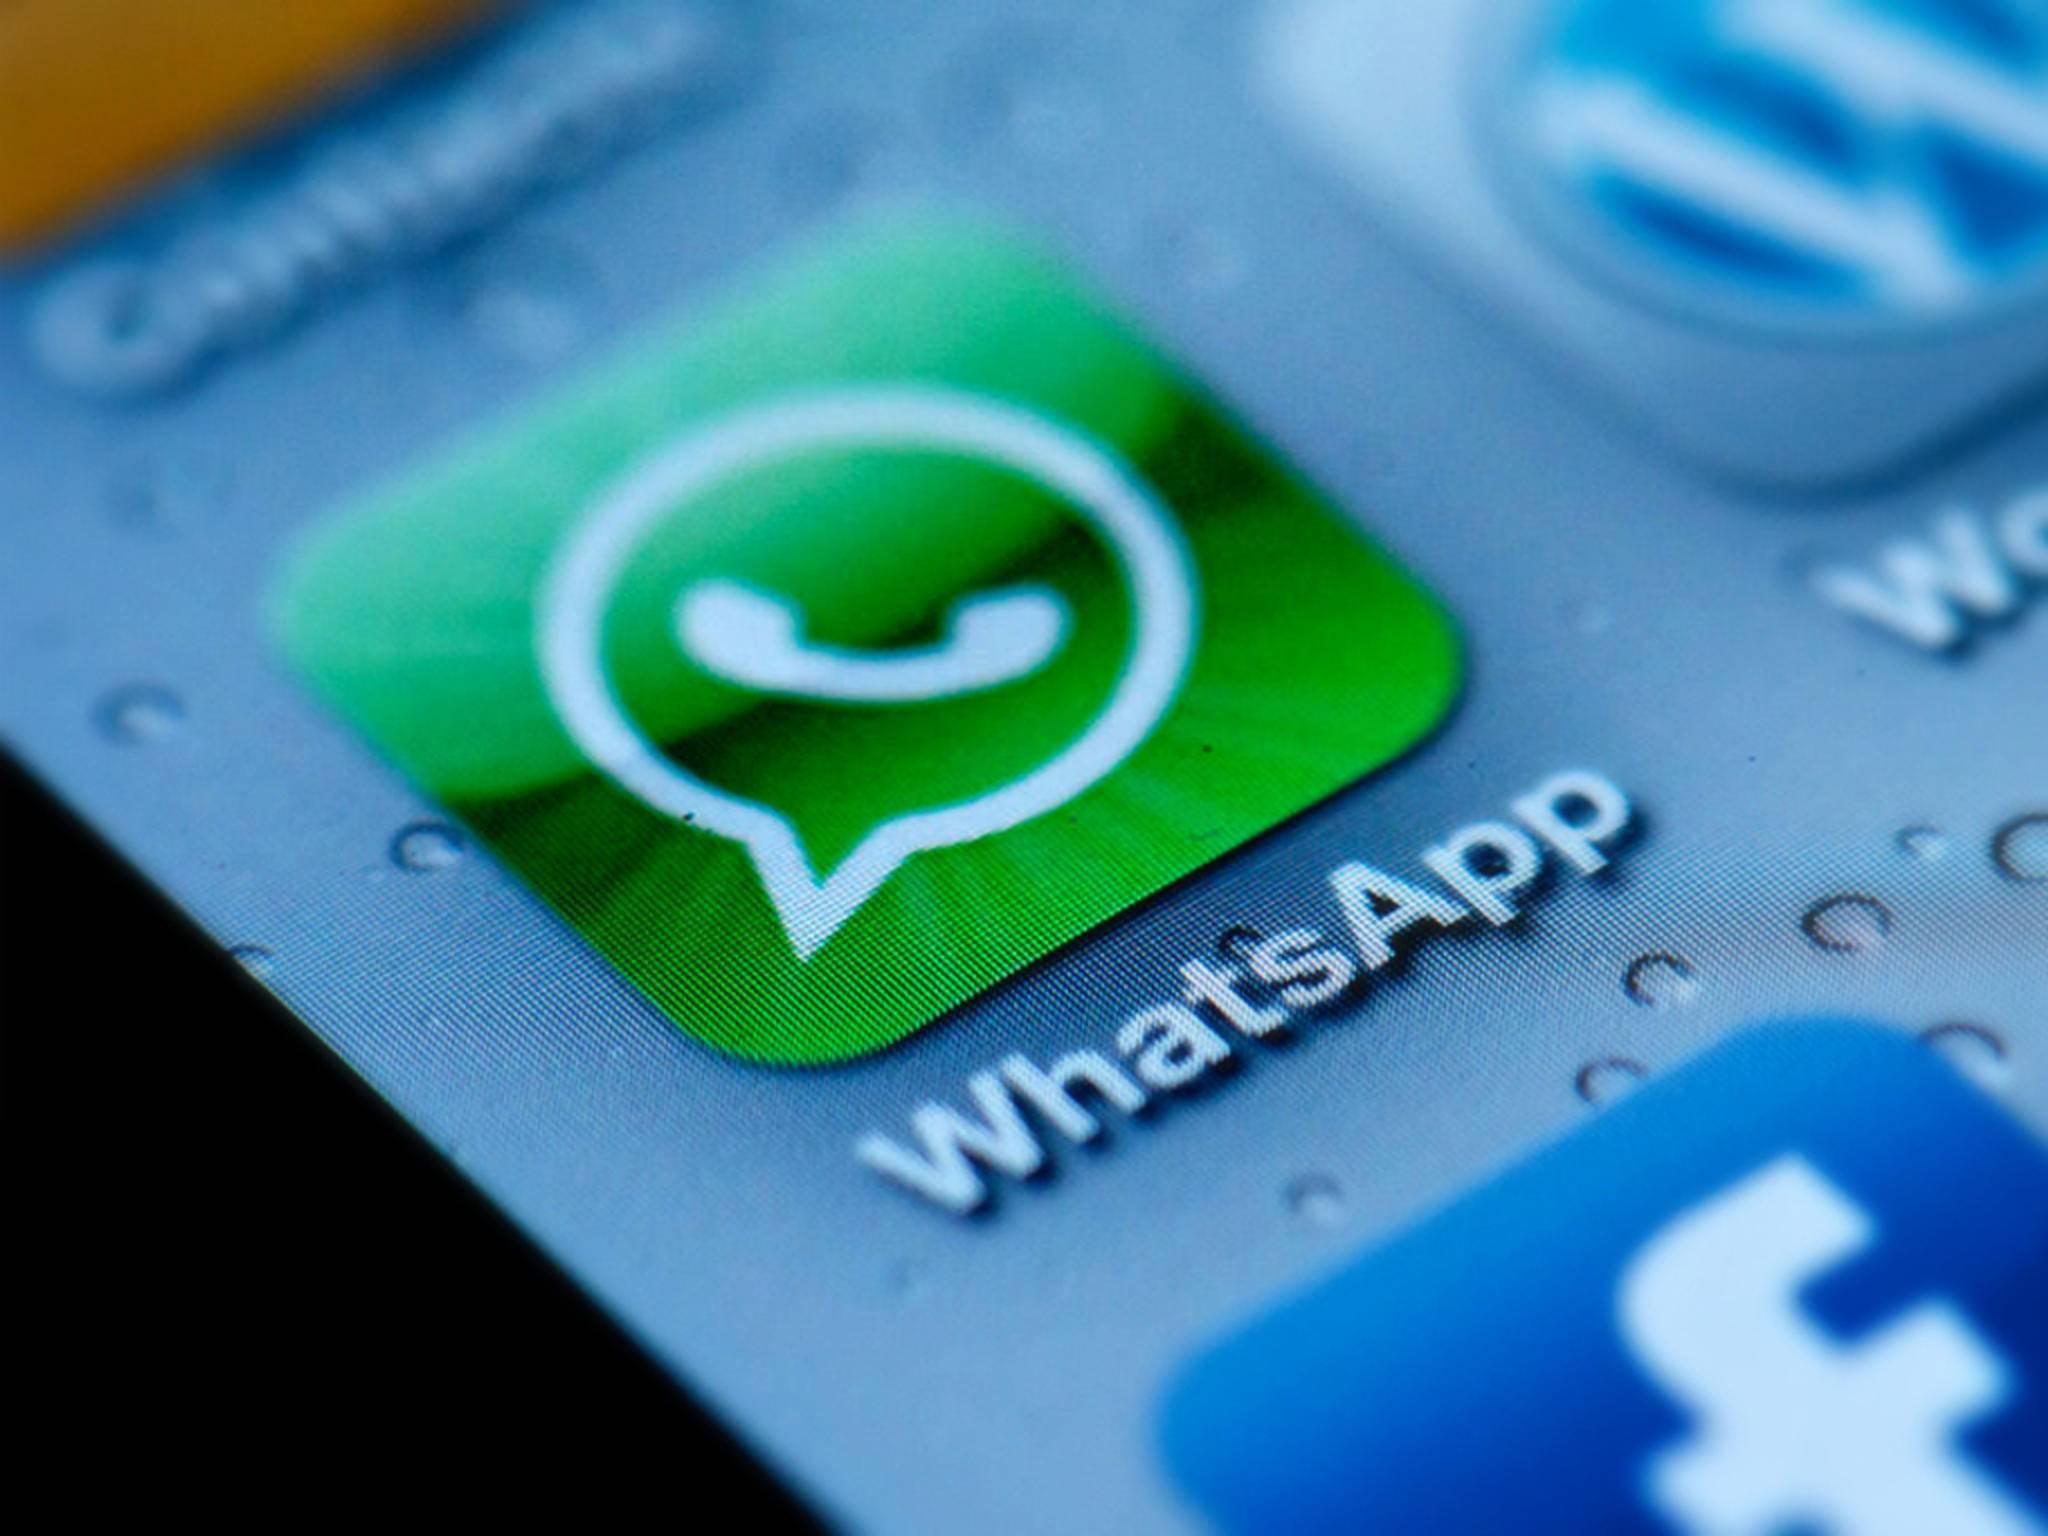 Und ein weiterer Facebook-Dienst WhatsApp wird wohl bald die 1-Milliarden-Grenze knacken.